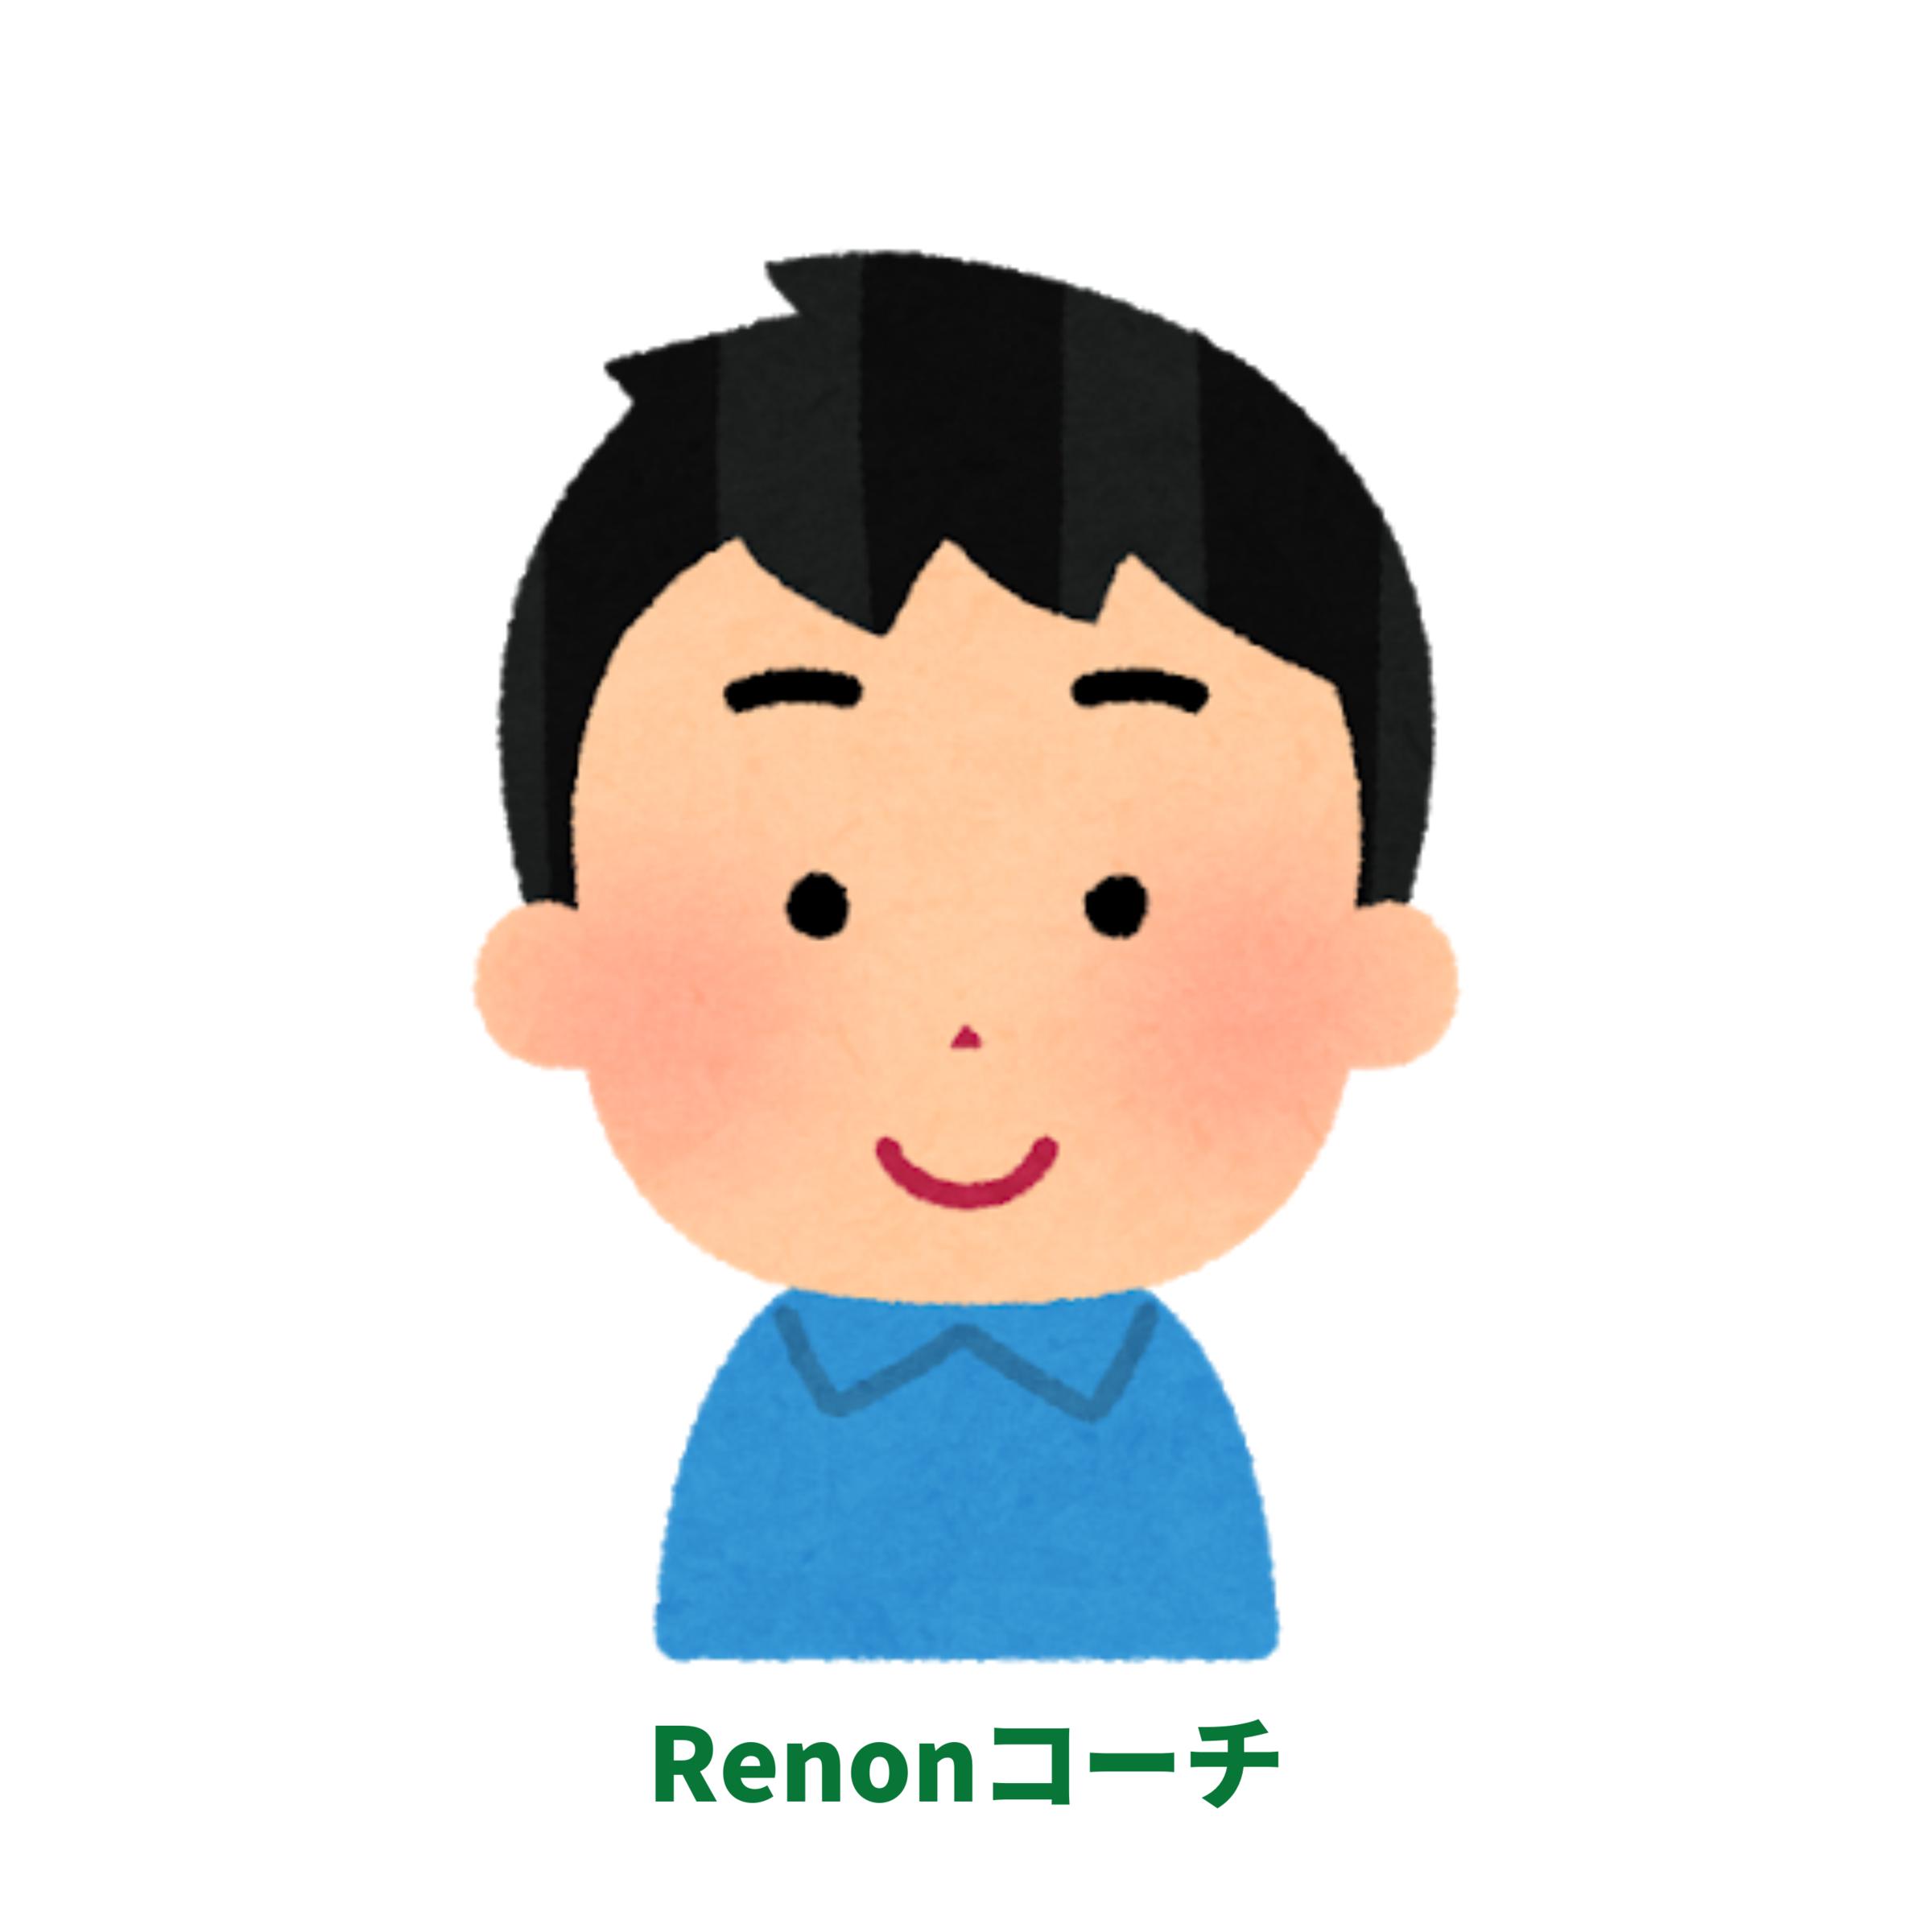 f:id:akiba_encount:20201113202702p:plain